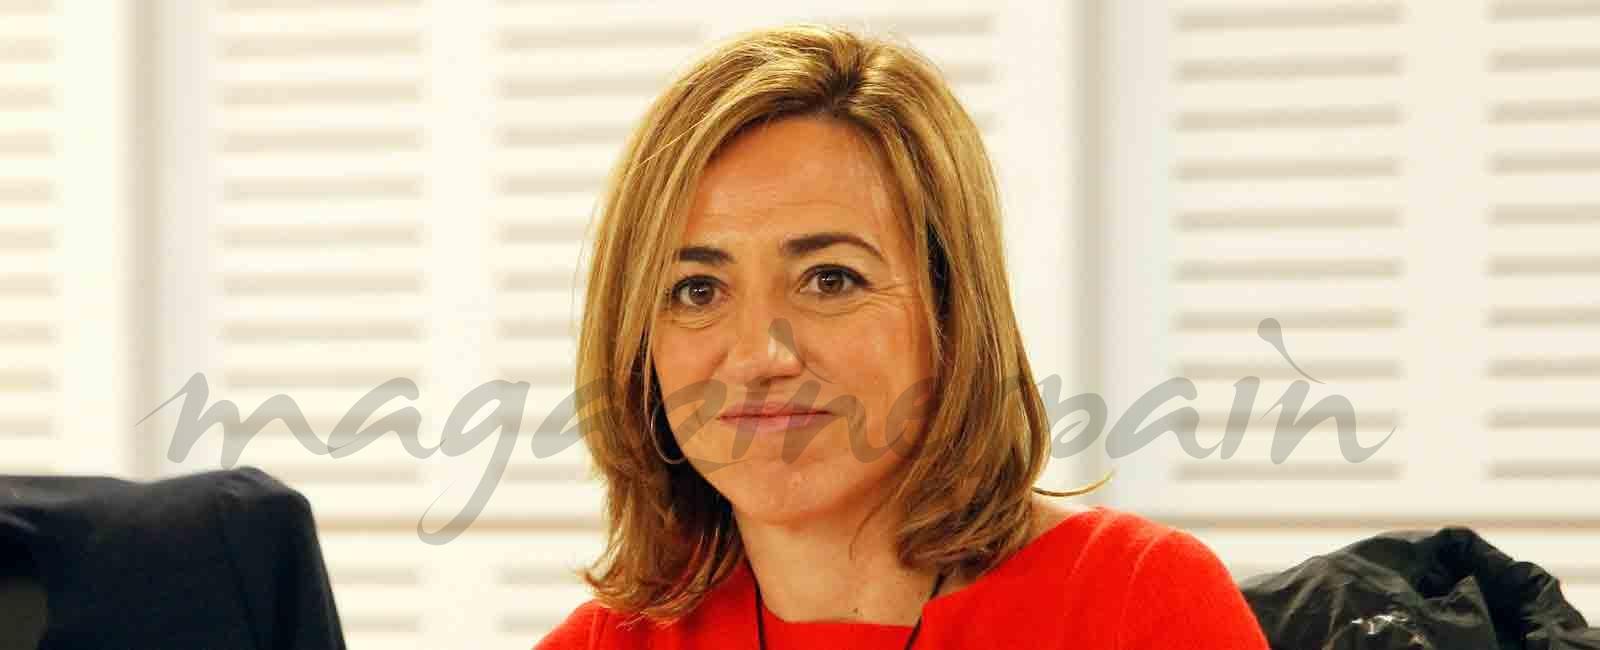 Fallece a los 46 años, la ex ministra Carme Chacón